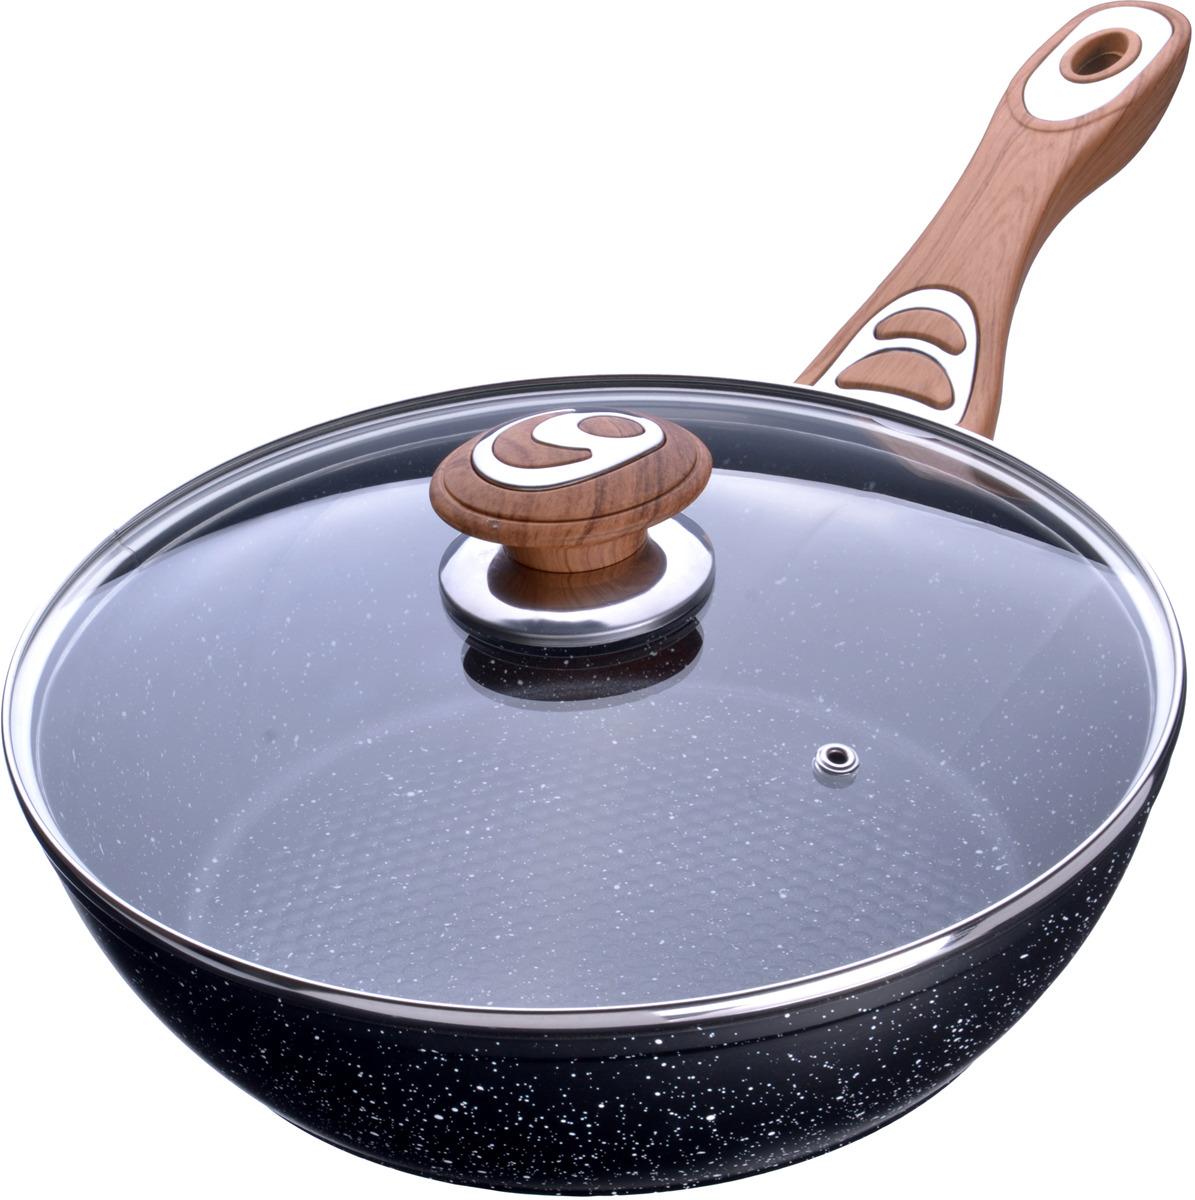 Сковорода-сотейник Mayer & Boch, с антипригарным покрытием, с крышкой. Диаметр 26 см. 27969